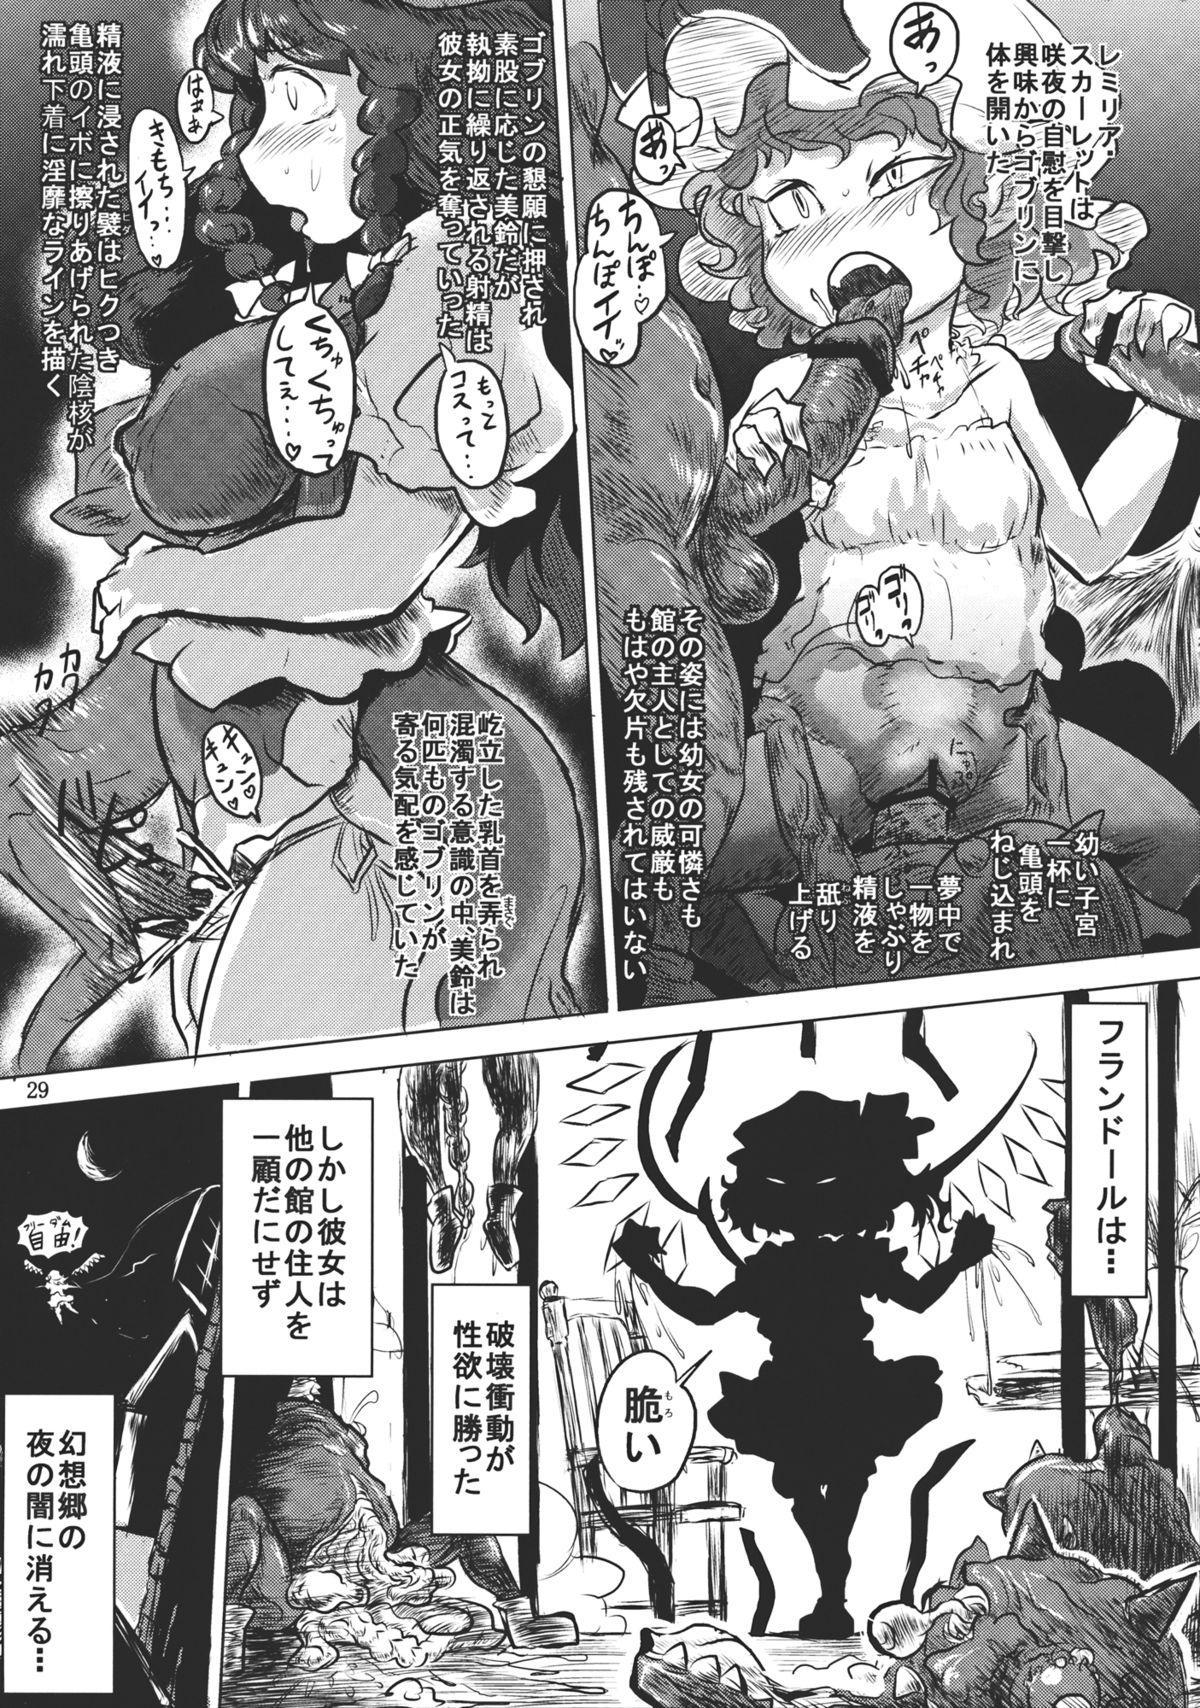 Lacto Girl ga Ochiru Toki 30